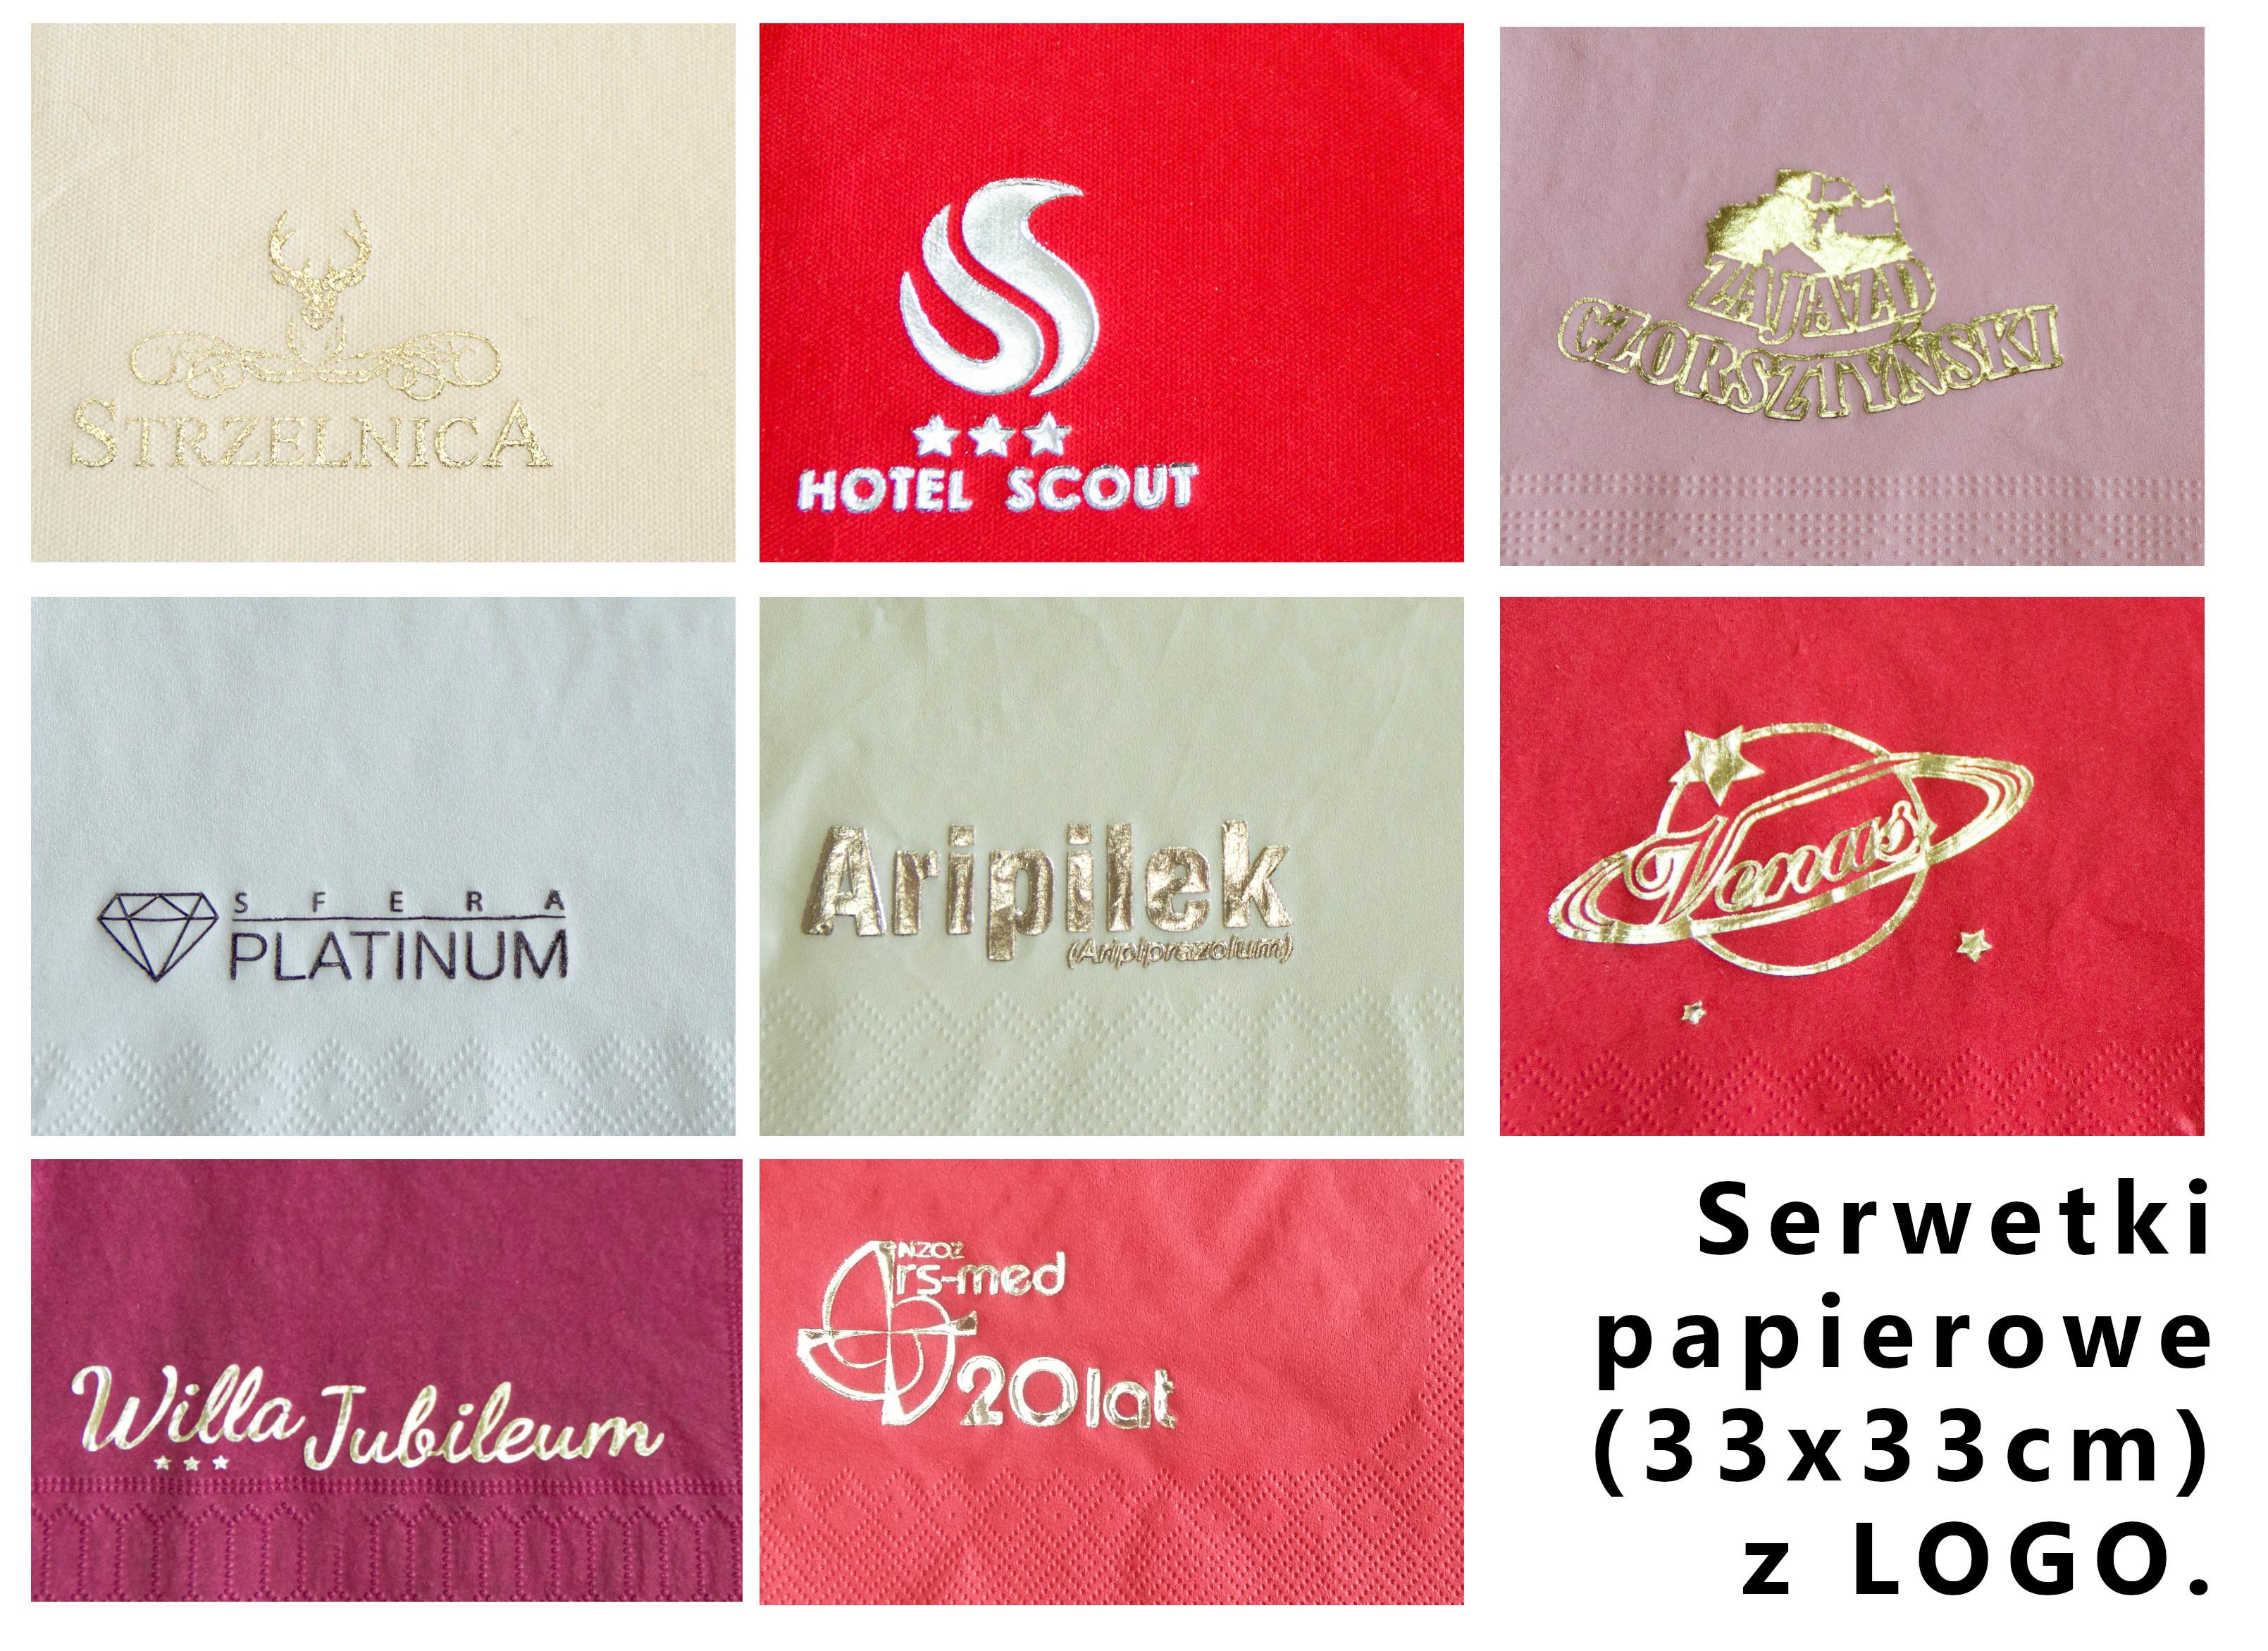 serwetki papierowe z logo